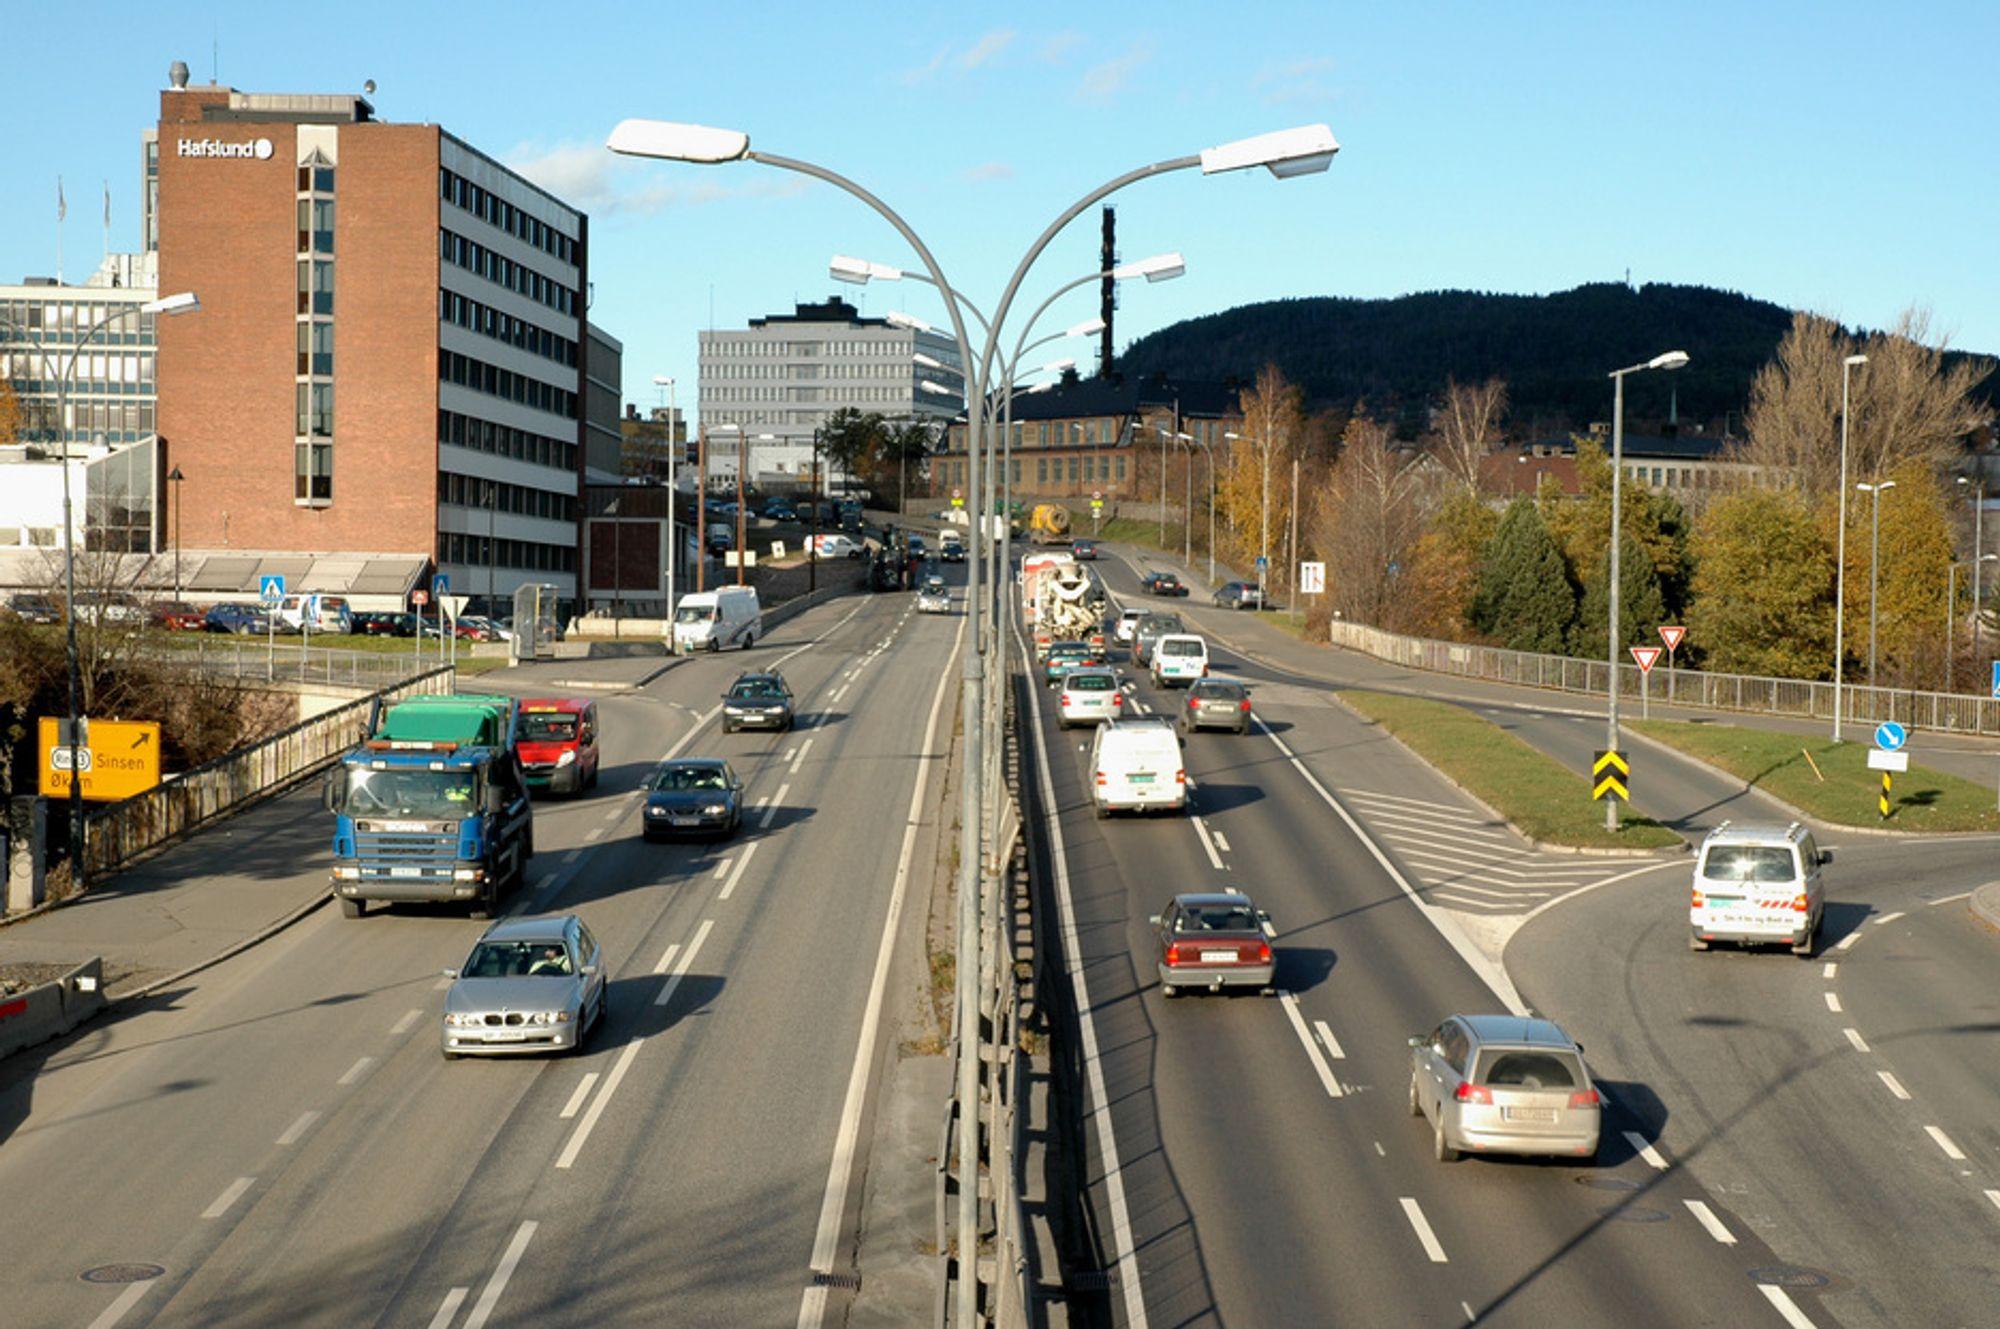 Mindre trafikk enn dette er det sjelden gjennom Økernkrysset på dagtid. I rushtiden er køene veldig lange. Vegvesenet håper de blir kortere når Lørentunnelen blir ferdig i 2012.